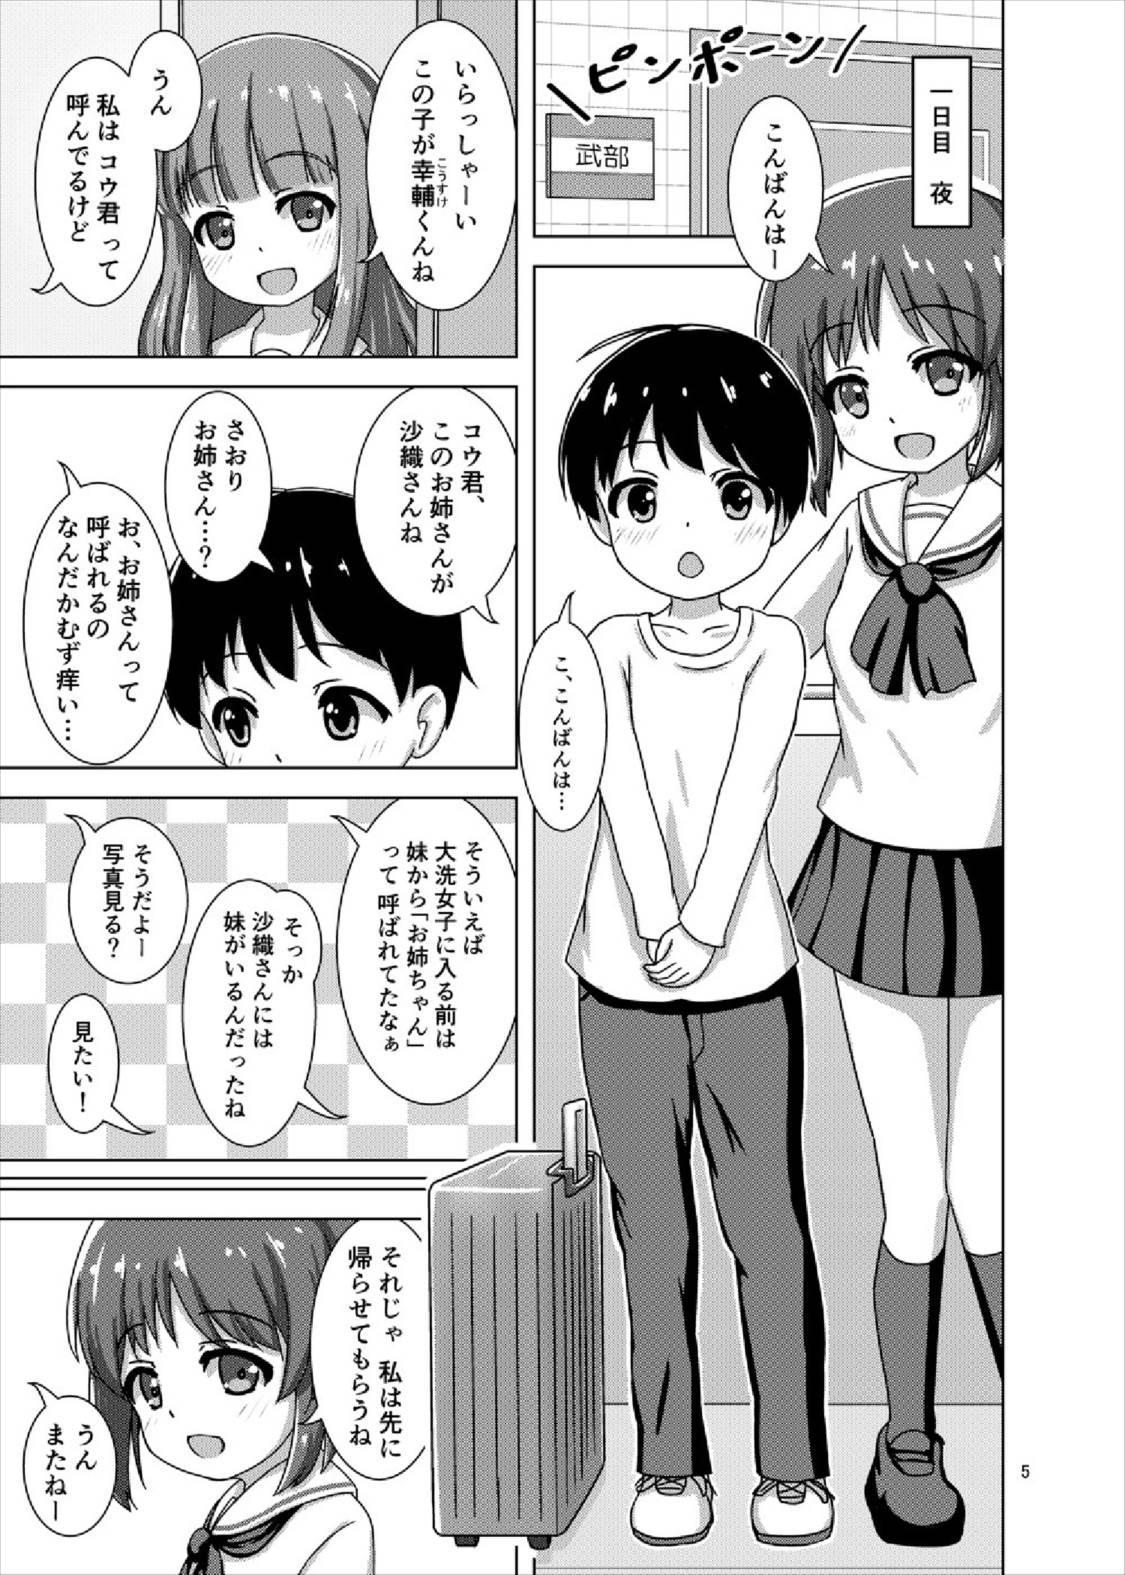 Saorin to Shota no H na Itsukakan 4